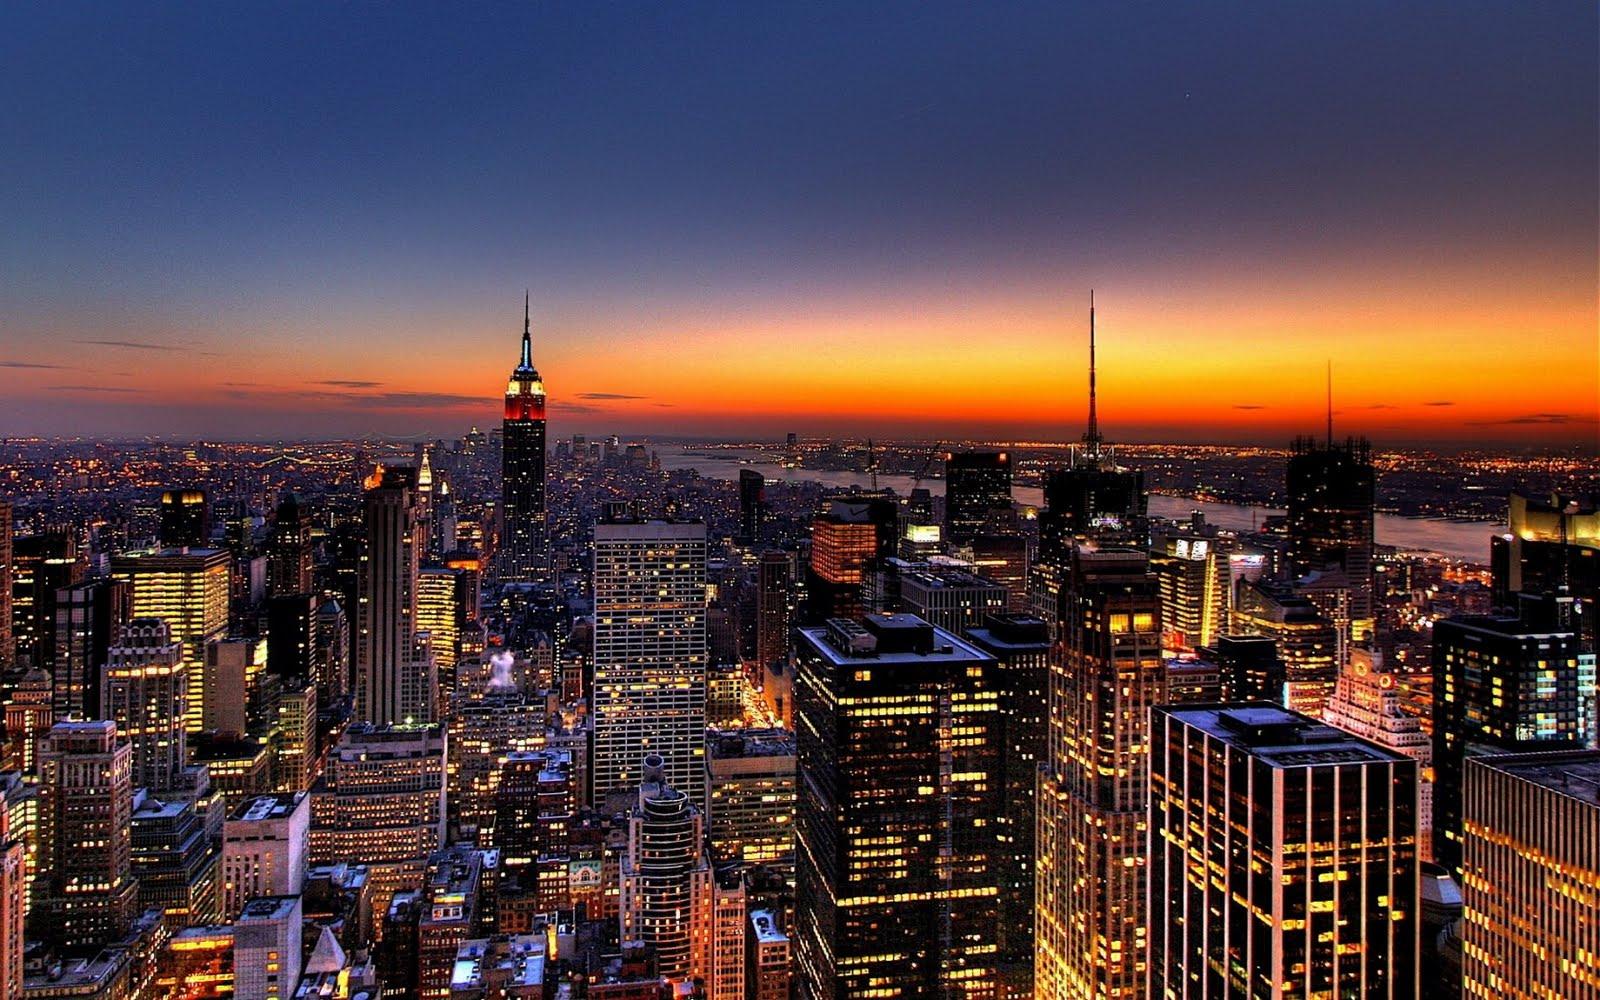 http://3.bp.blogspot.com/-rW6ax6mQA0Y/TeaWDb75YYI/AAAAAAAADkw/NvEFJ_ubiYU/s1600/new_york_by_night.jpg